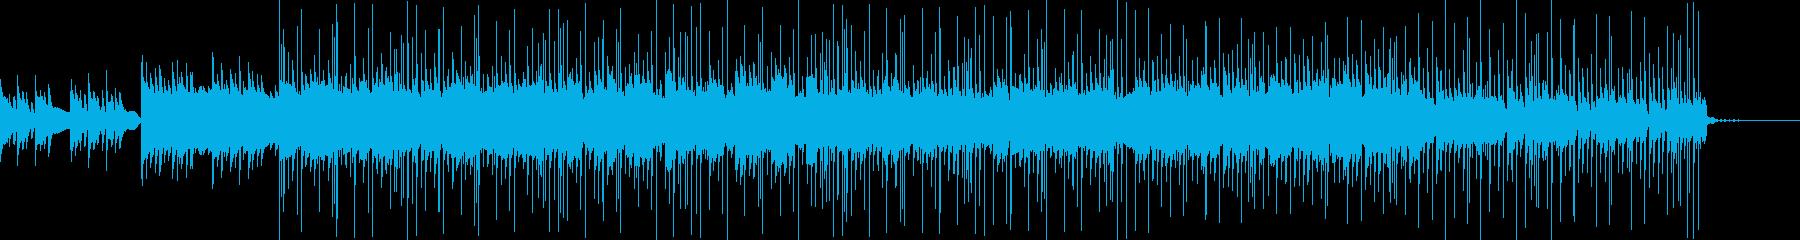 シンプルで落ち着く雰囲気のBGMの再生済みの波形